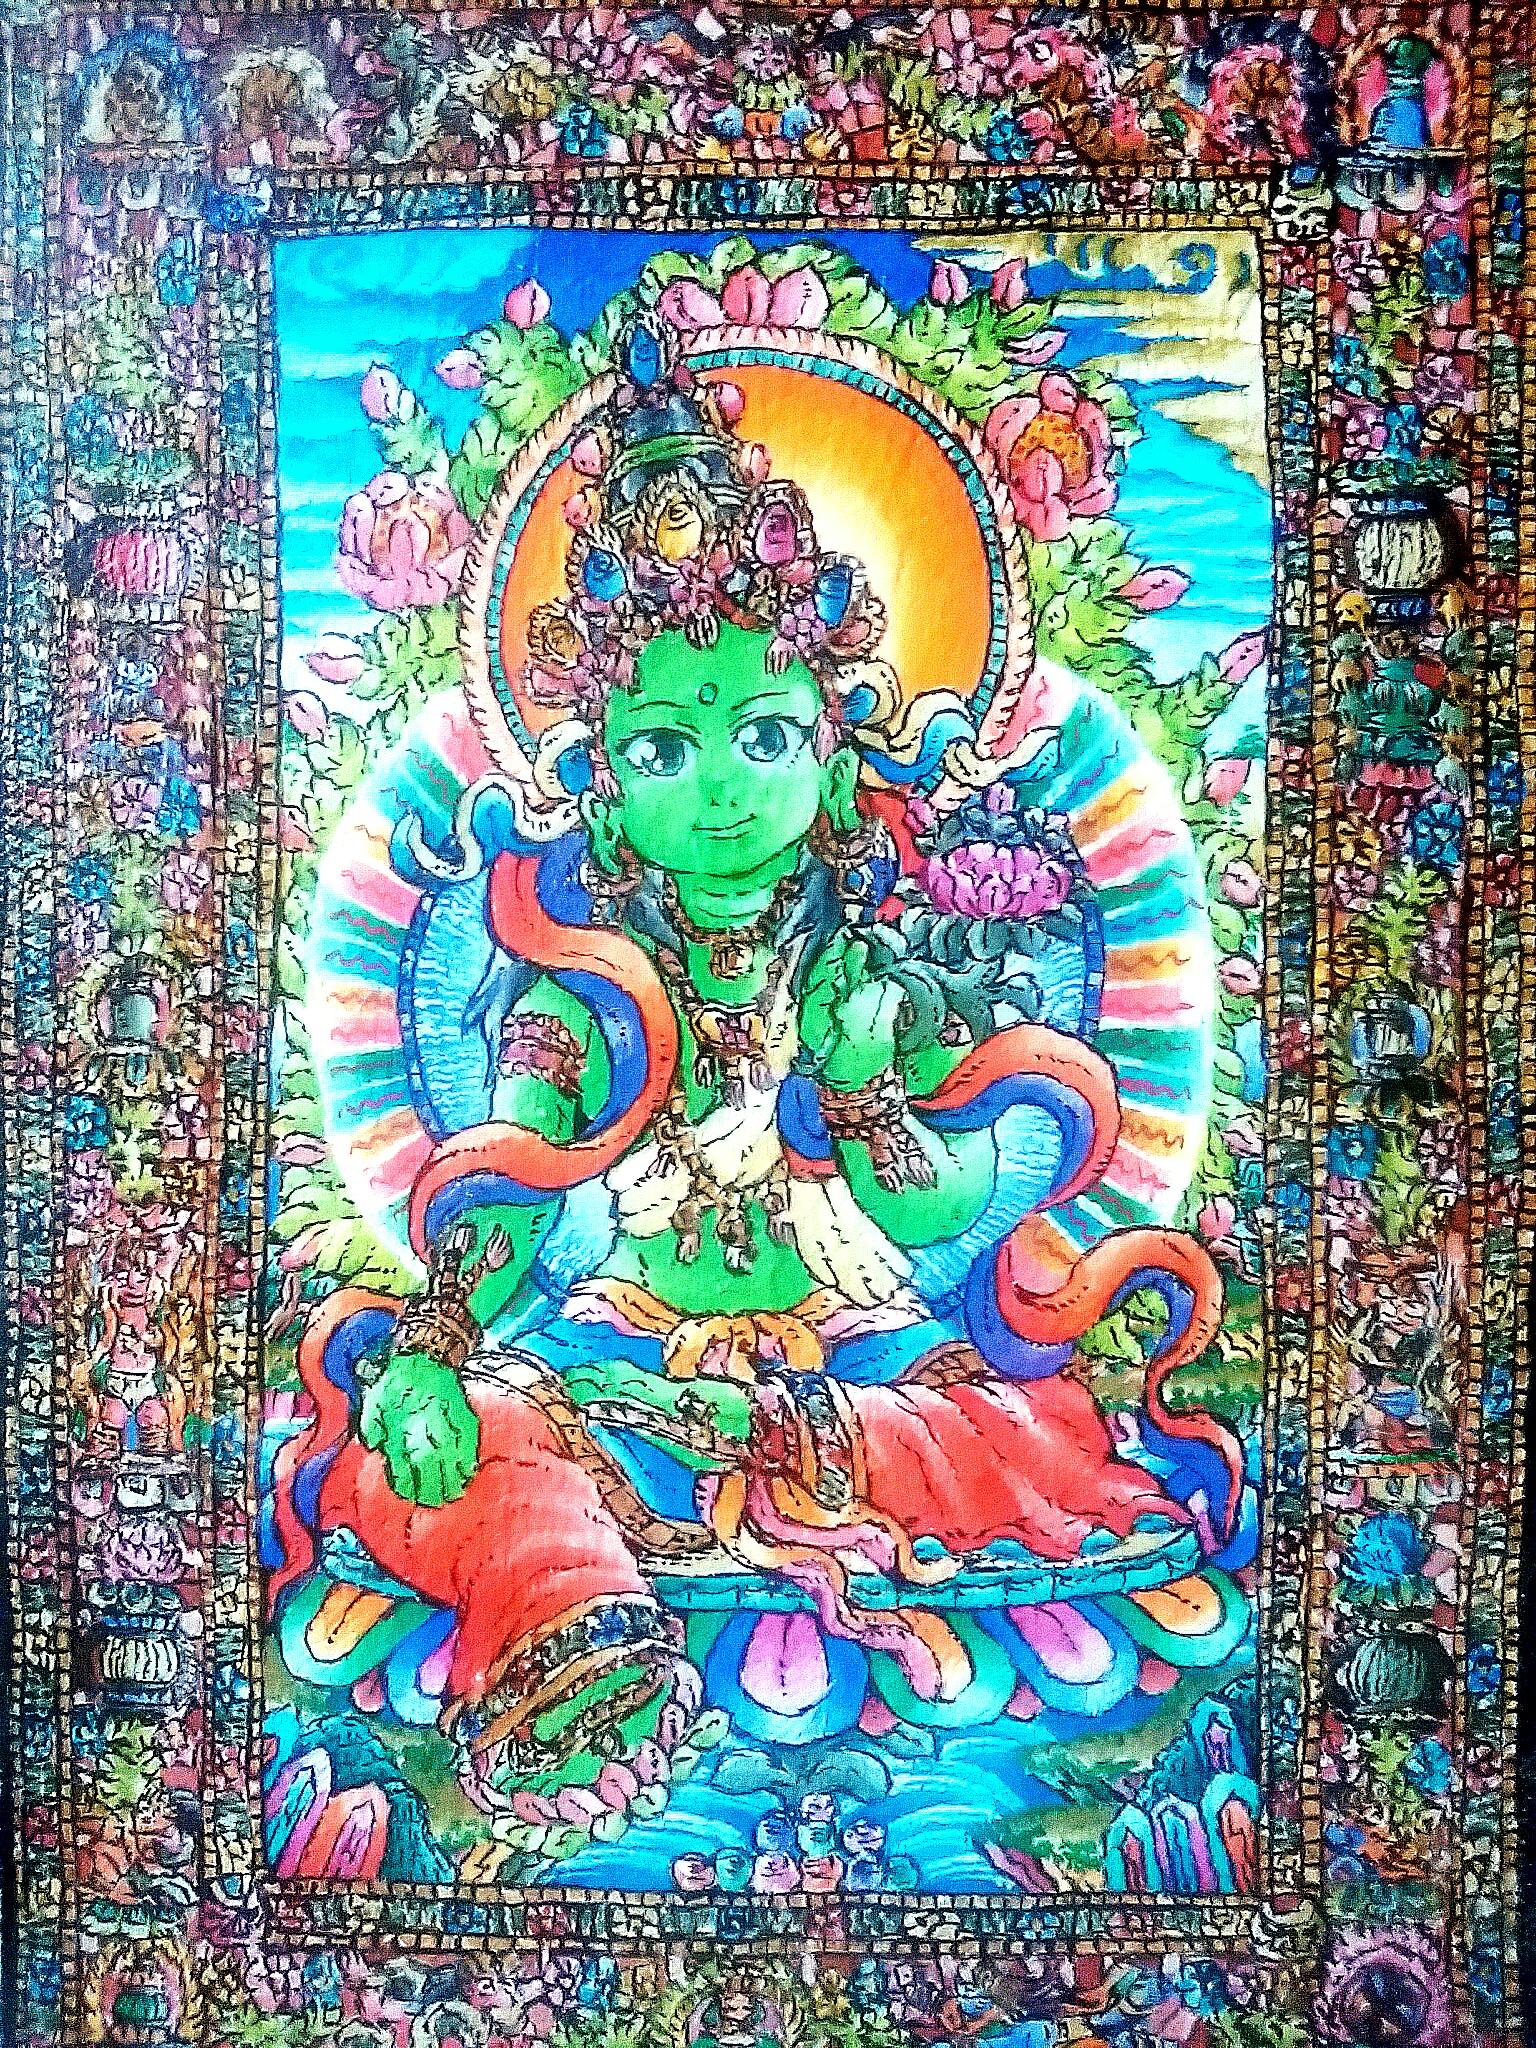 【絵(仏画)の表現方法】仏画のルールとアレンジした絵の描き方とは?